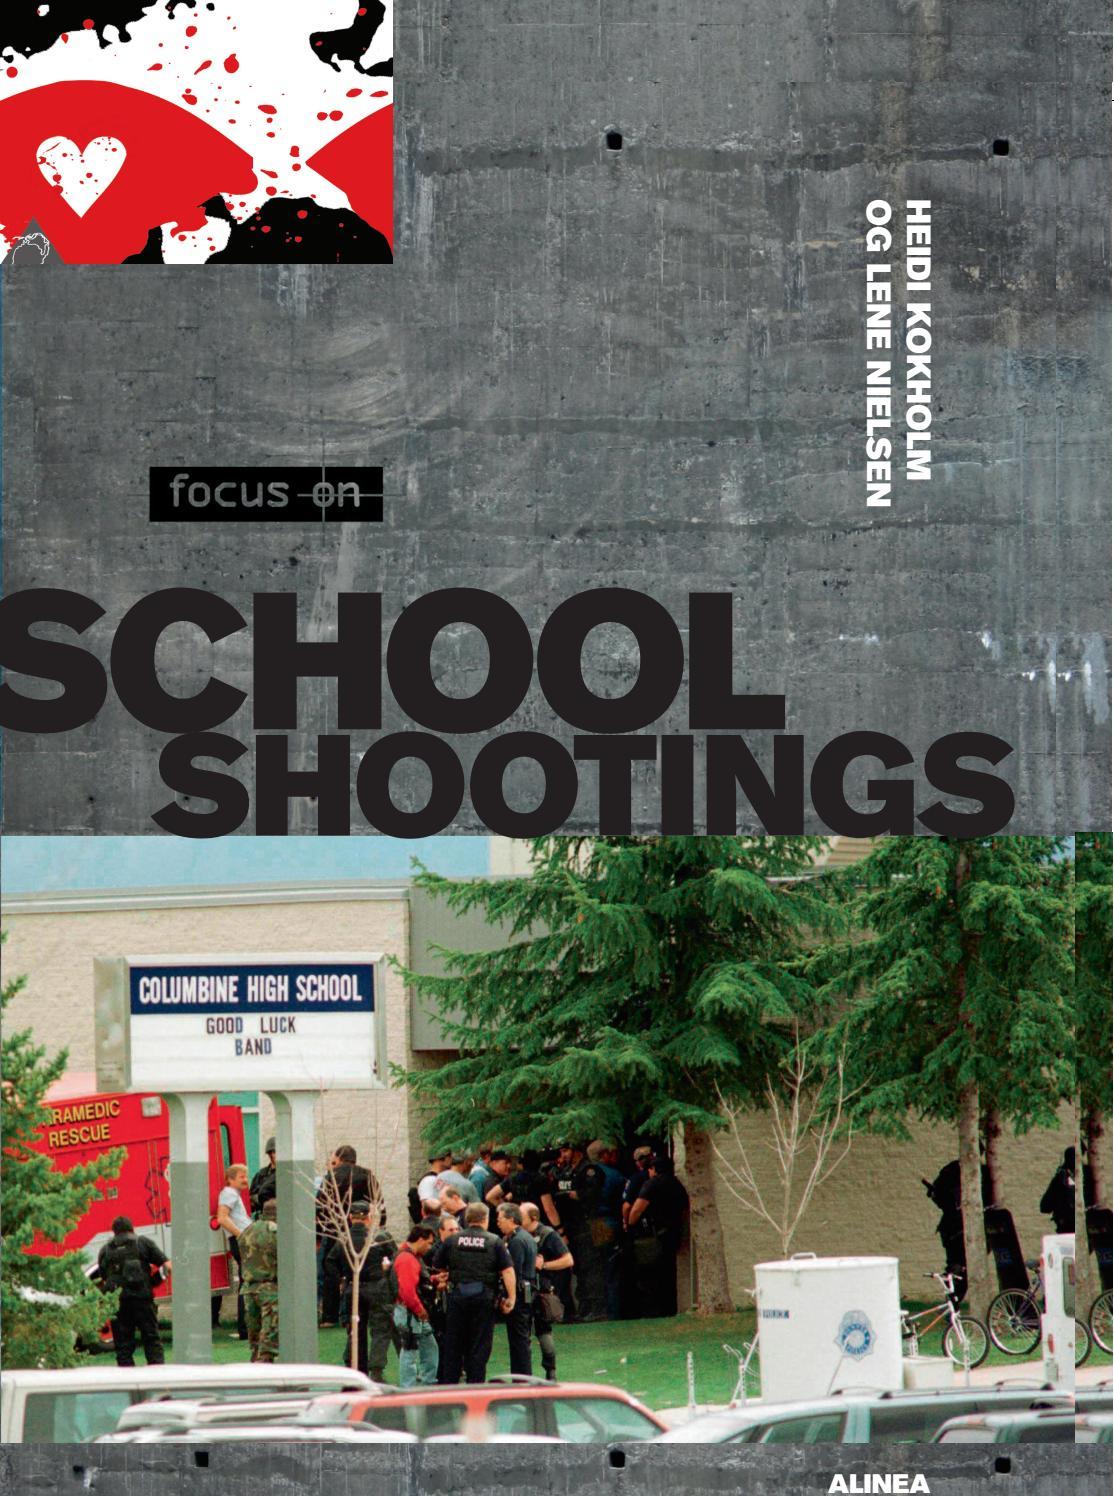 Focus On School Shootings By Alinea Issuu Saved by the oily viking. focus on school shootings by alinea issuu